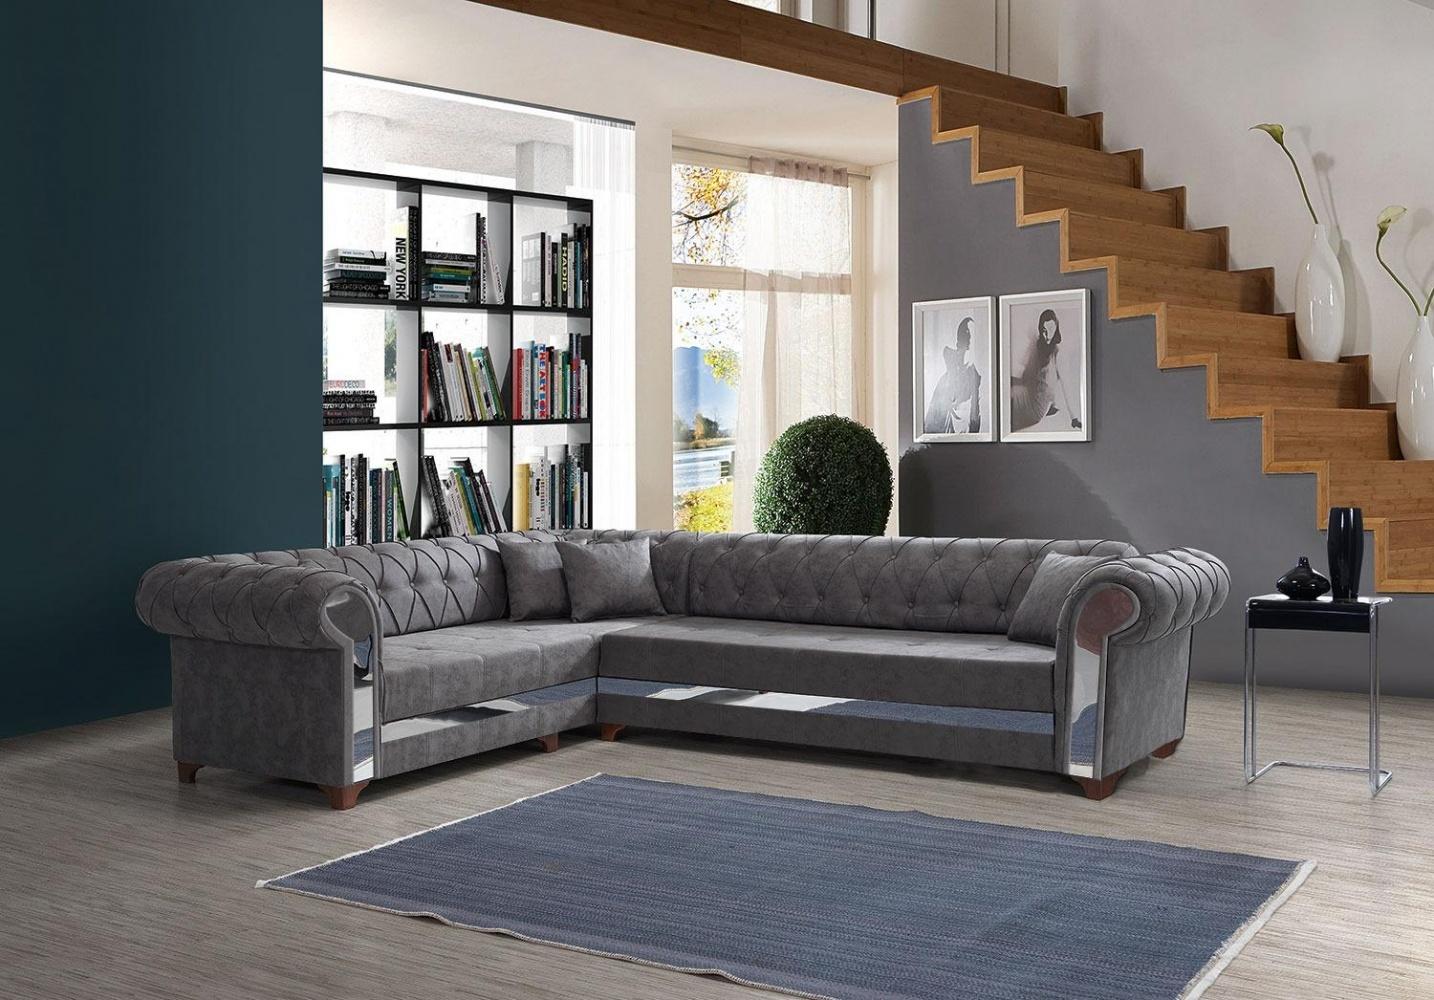 Full Size of 5de709ce0ad77 Großes Bett Bild Wohnzimmer Ecksofa Garten Sofa Bezug Mit Ottomane Regal Wohnzimmer Großes Ecksofa